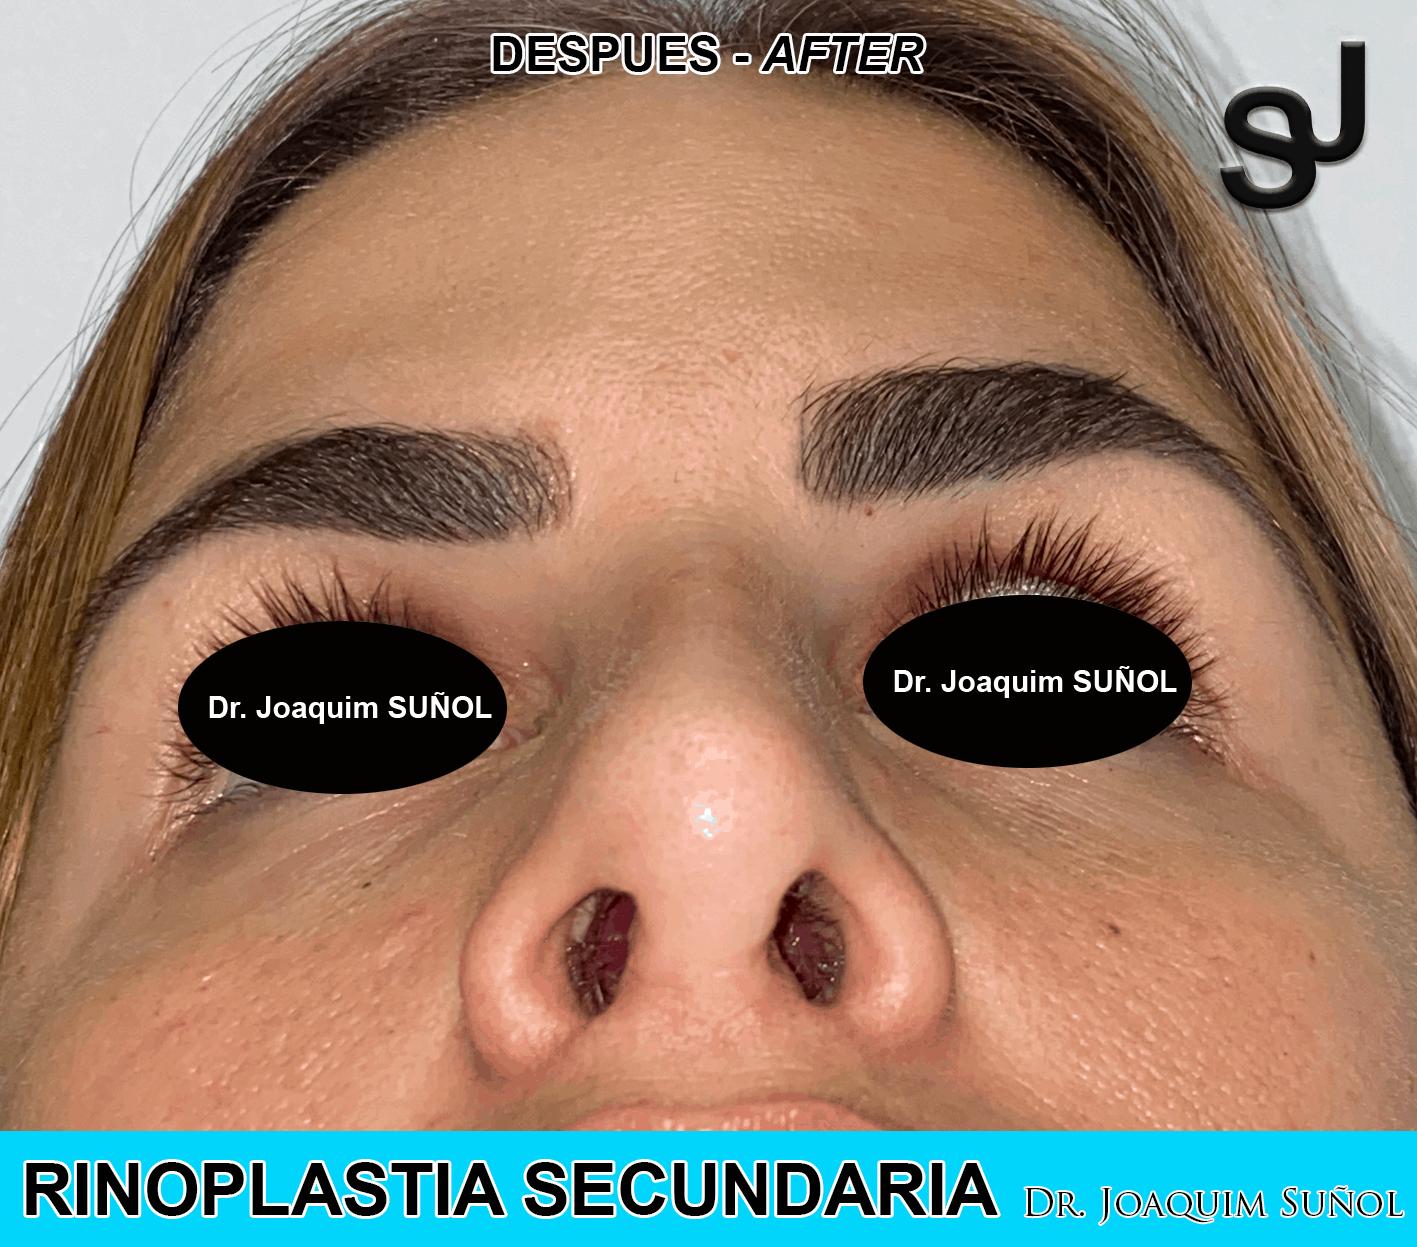 rinoplastia-secundaria-post-joaquim-sunol-cirugia-plastica-estetica